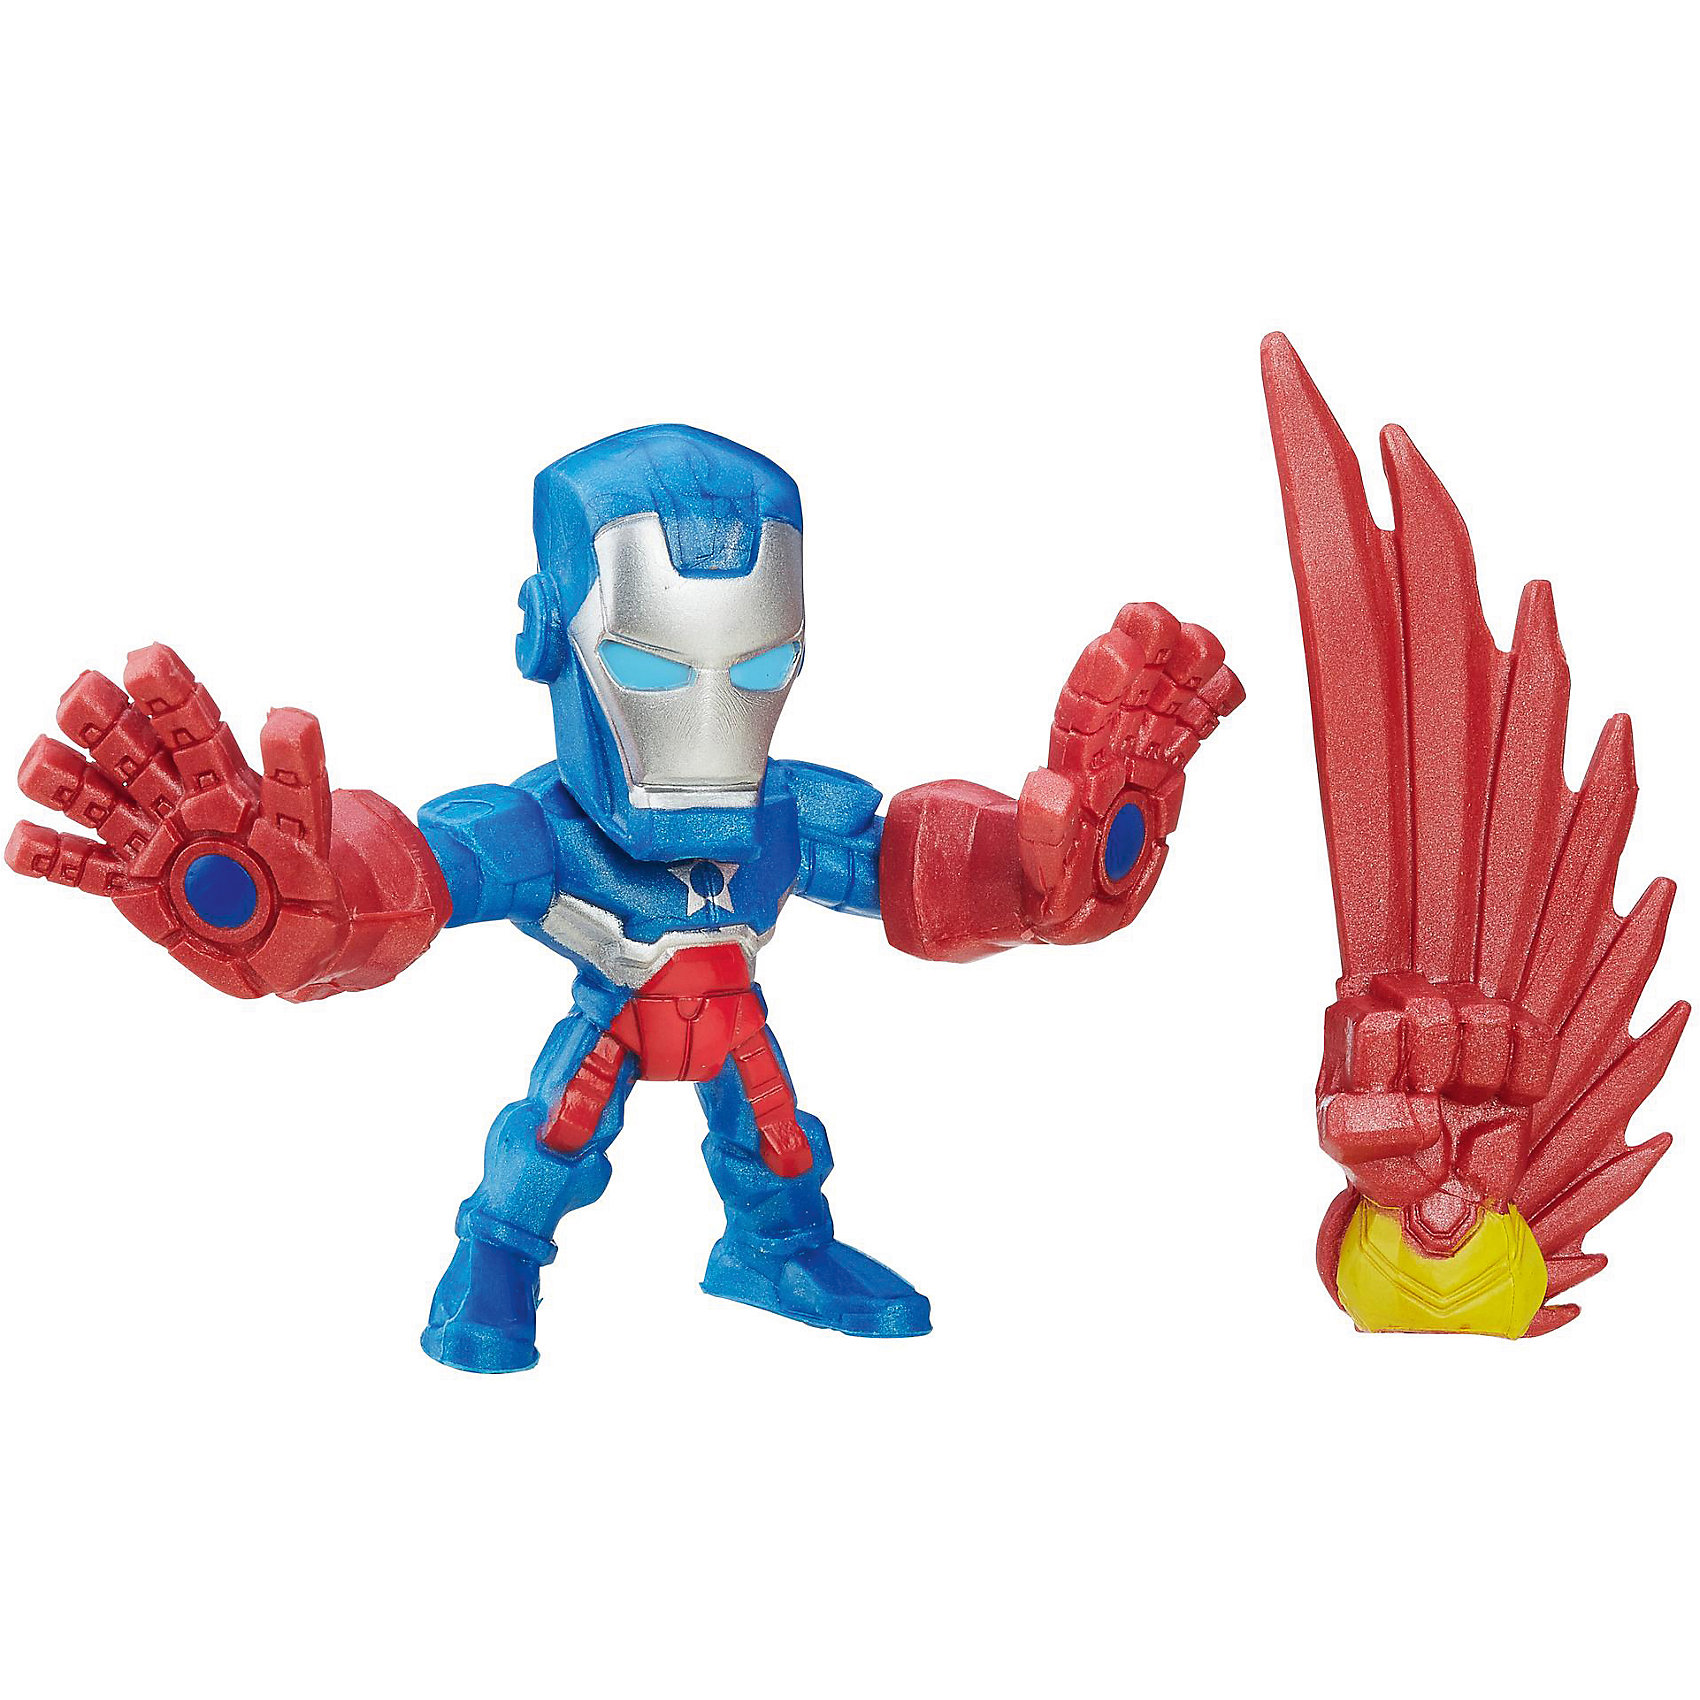 Микро-фигурка Hasbro Marvel Super Hero Mashers, Железный Патриот 5 смГерои комиксов<br><br><br>Ширина мм: 37<br>Глубина мм: 139<br>Высота мм: 177<br>Вес г: 86<br>Возраст от месяцев: 48<br>Возраст до месяцев: 96<br>Пол: Мужской<br>Возраст: Детский<br>SKU: 7144827